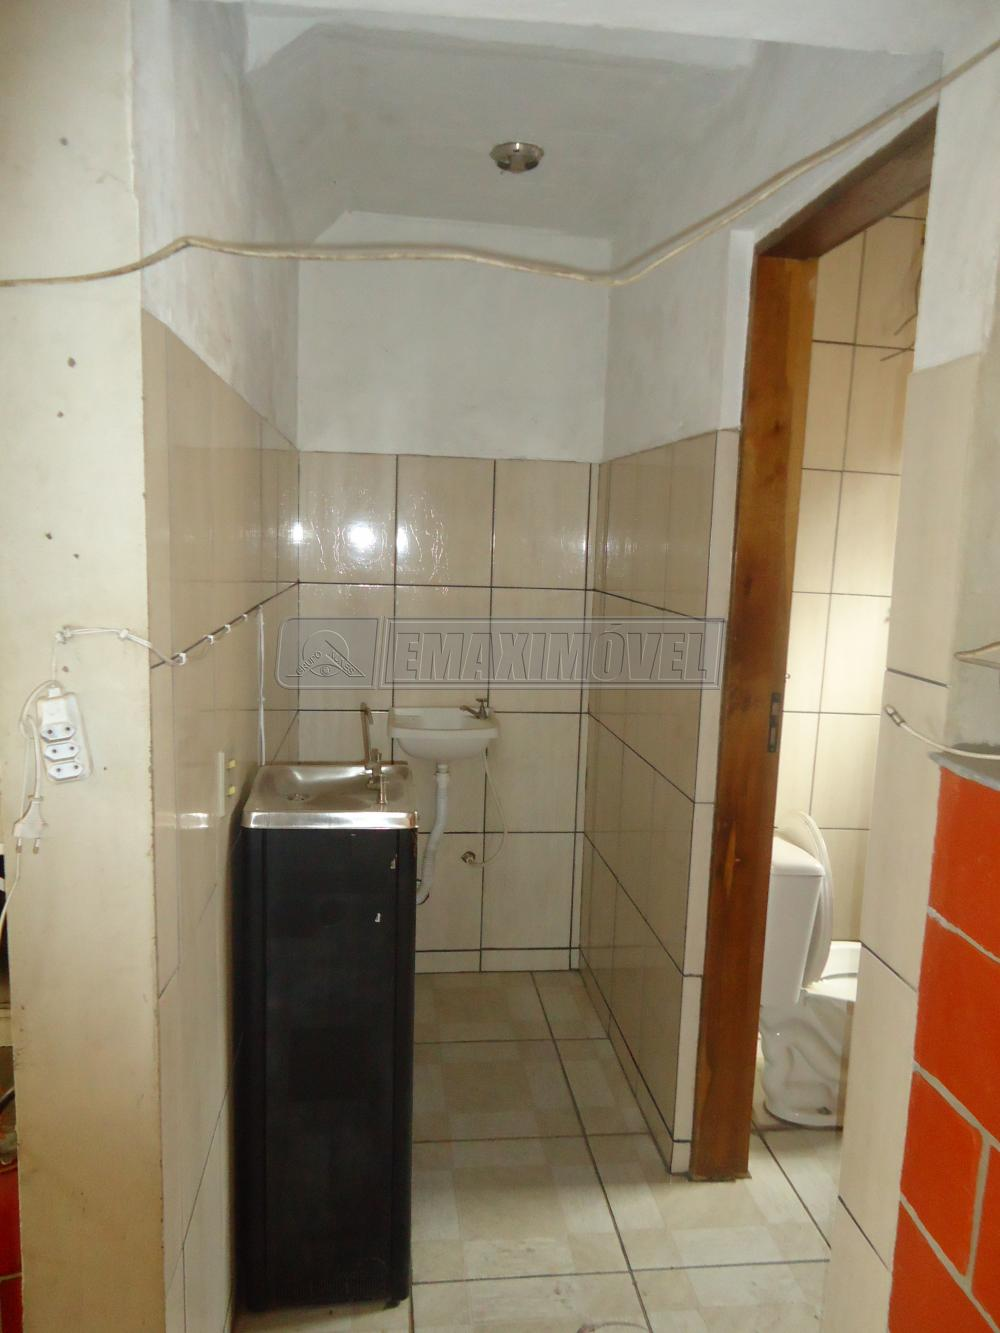 Alugar Salão Comercial / Negócios em Votorantim R$ 3.000,00 - Foto 7